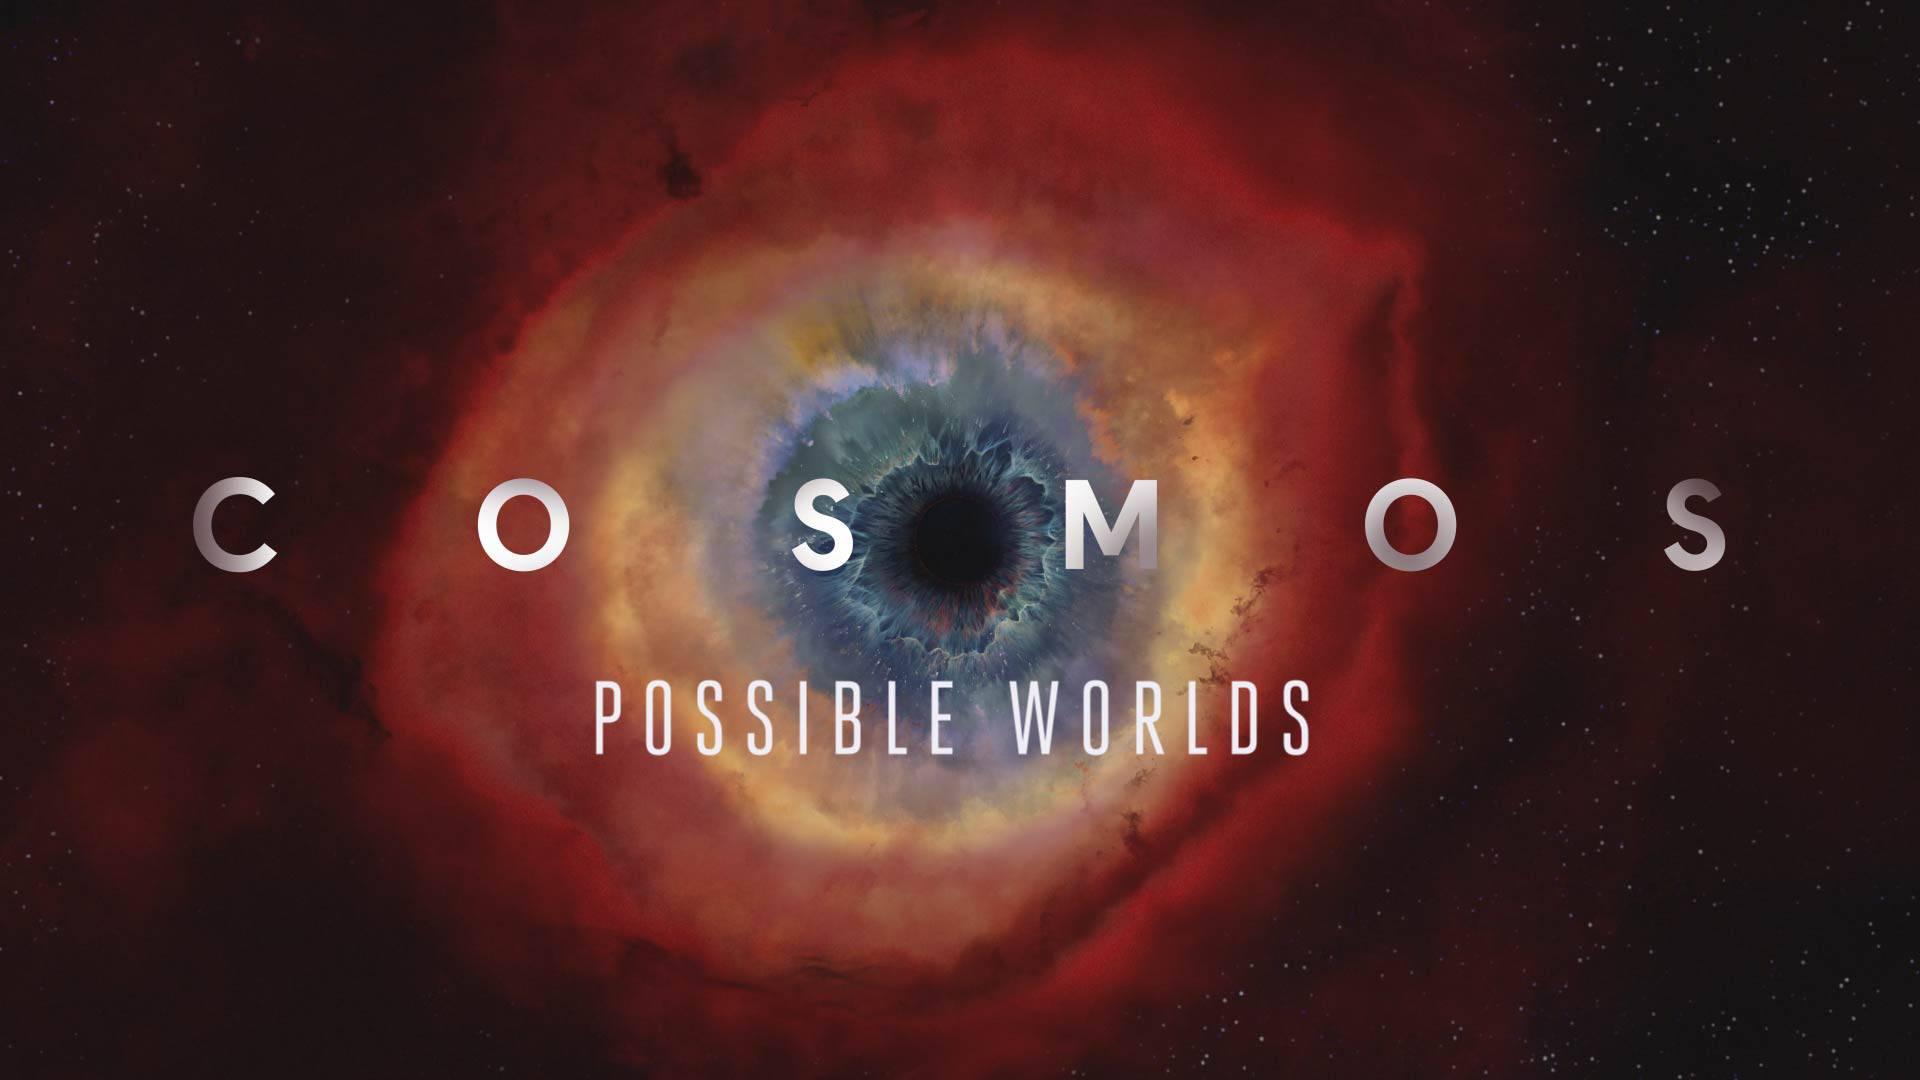 """Serie de televisión """"Cosmos: Mundos posibles"""" será emitida por Nat Geo"""